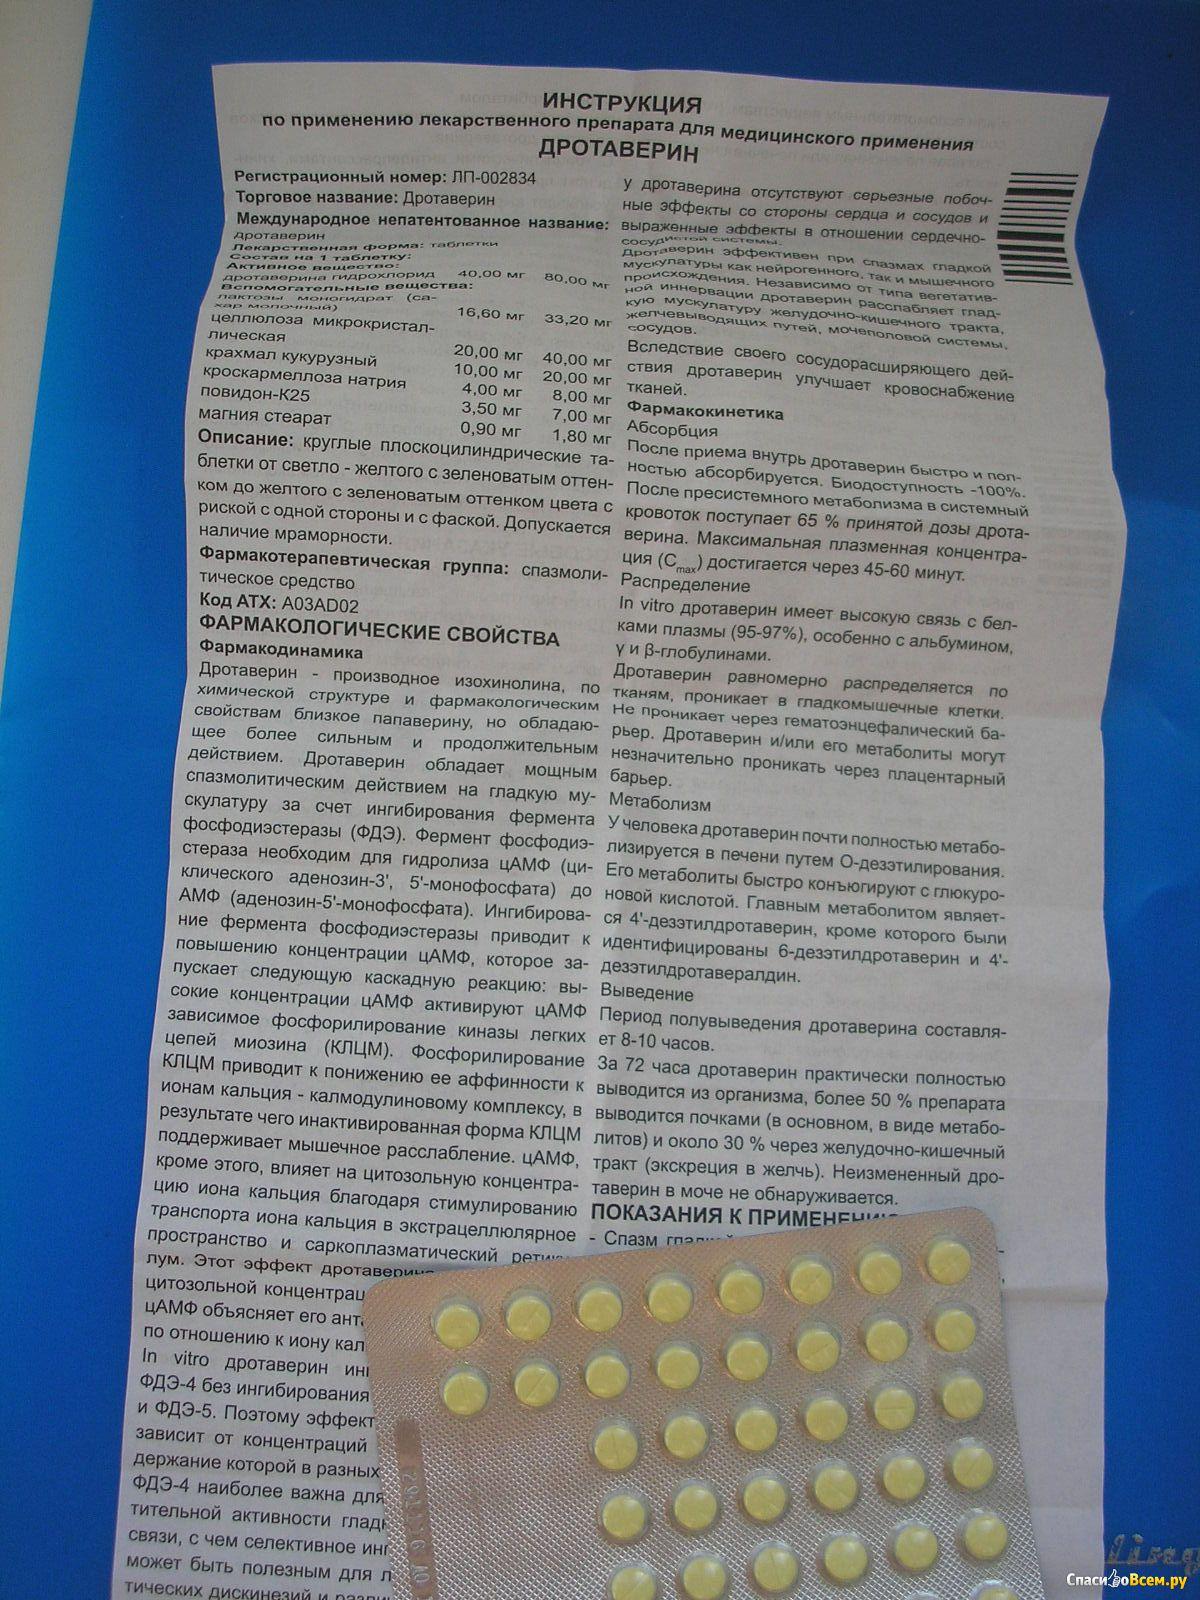 Дротаверин — инструкция по применению, описание, вопросы по препарату